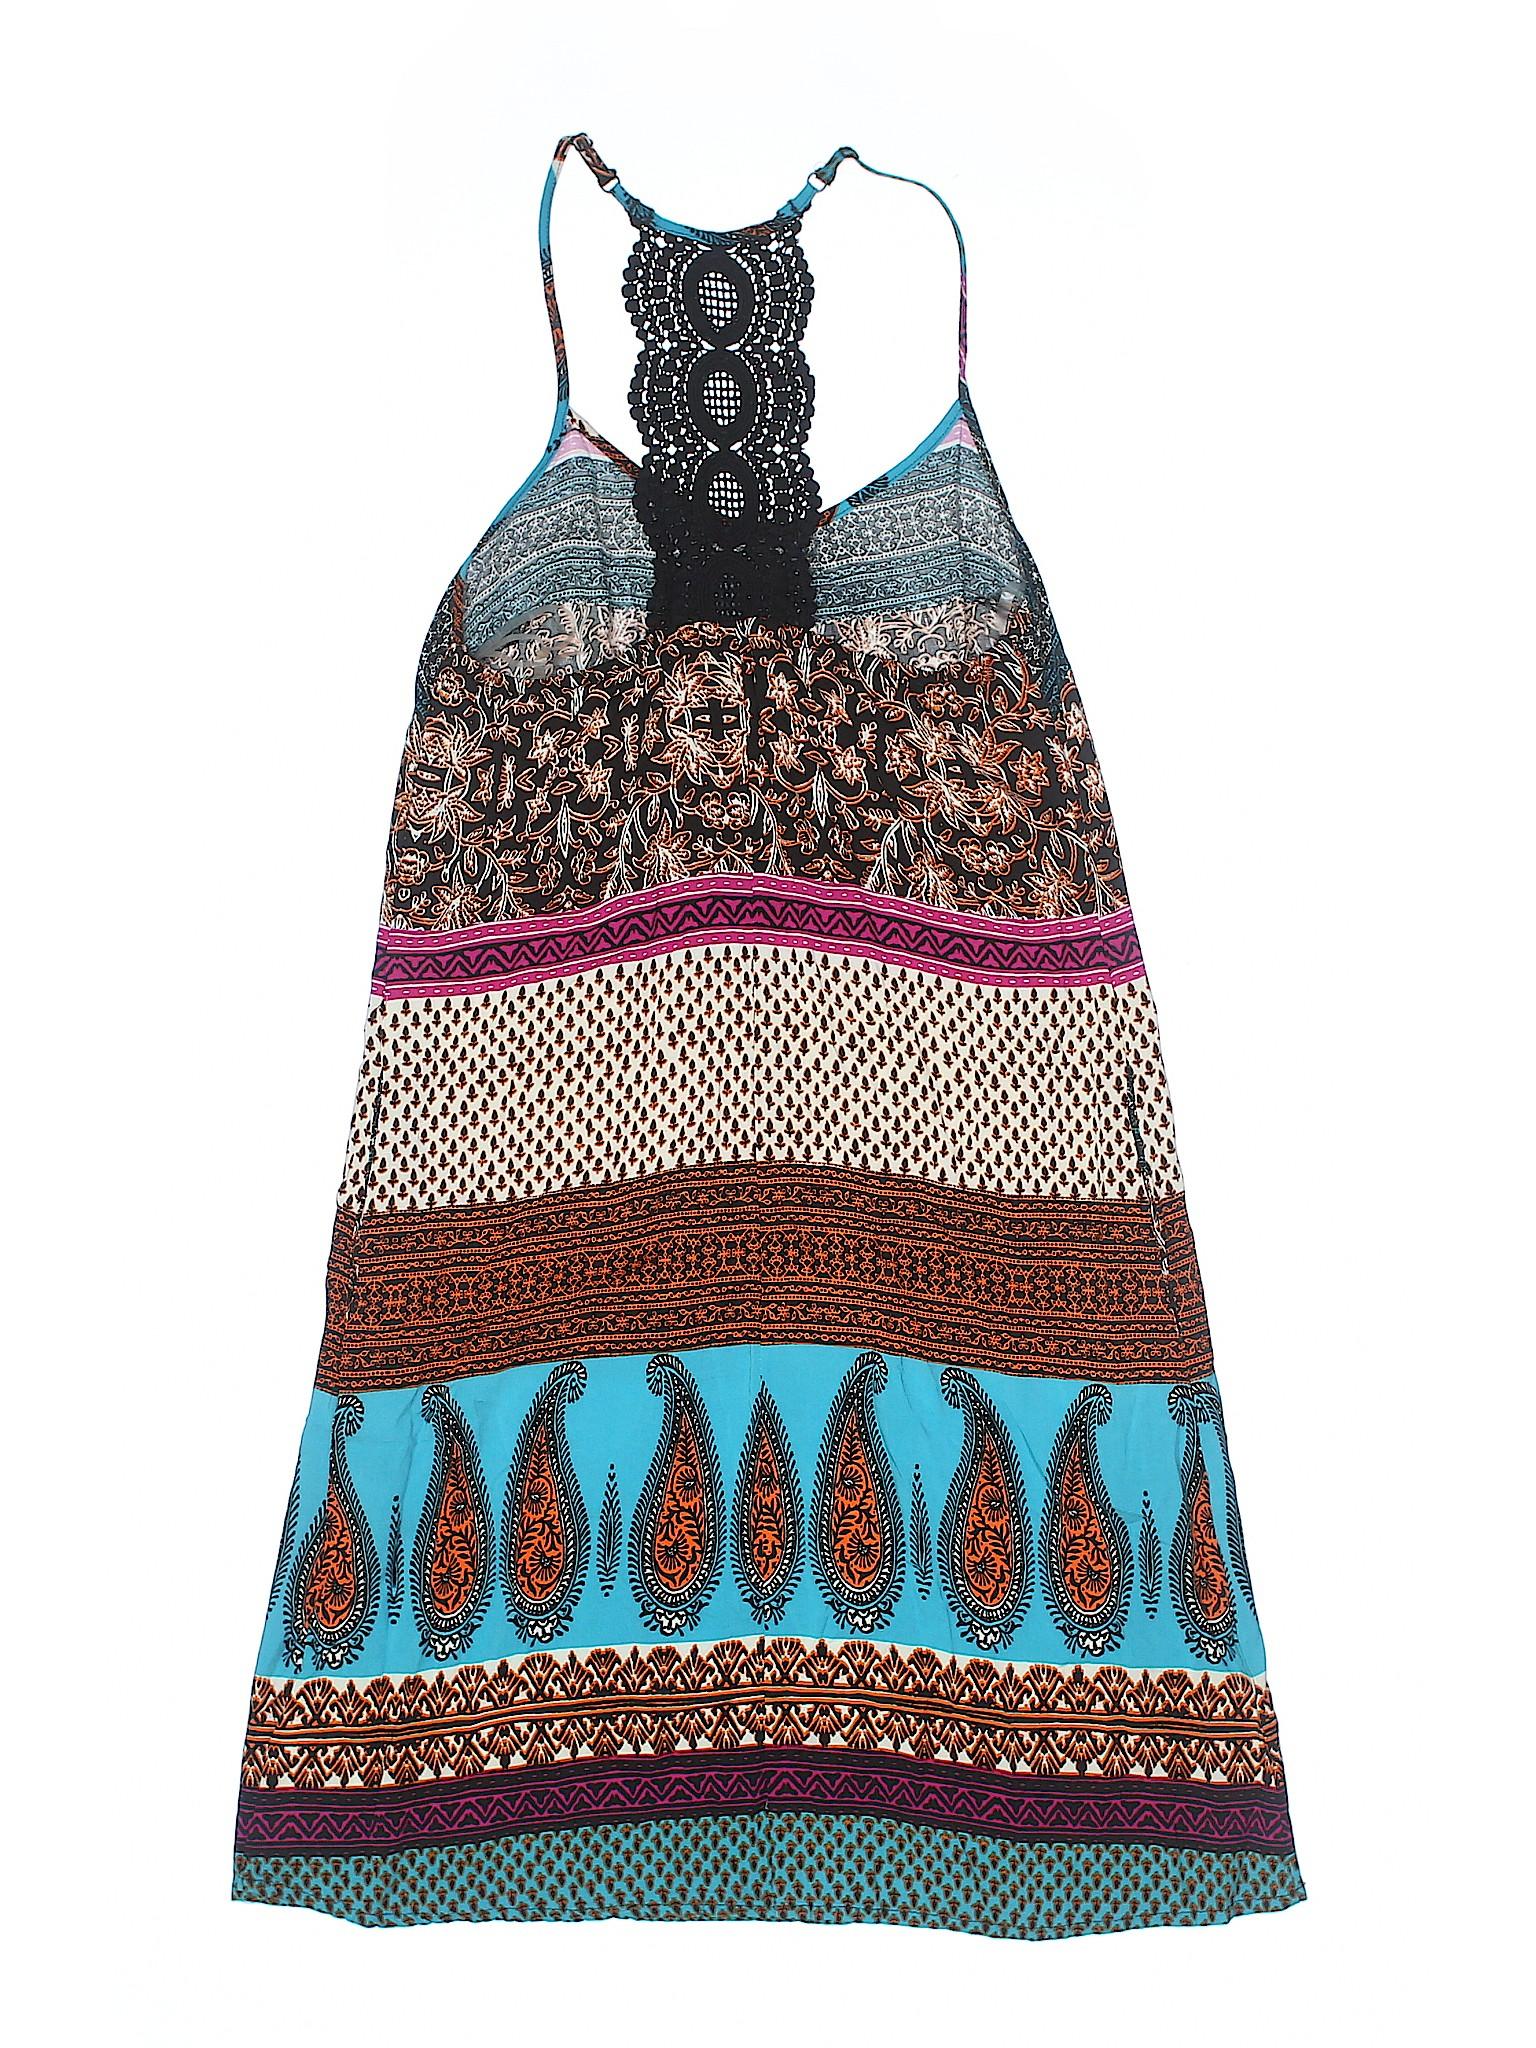 winter Boutique winter Boutique Dress Dress Casual winter Boutique Xhilaration Casual Xhilaration Xhilaration pw8HqpC